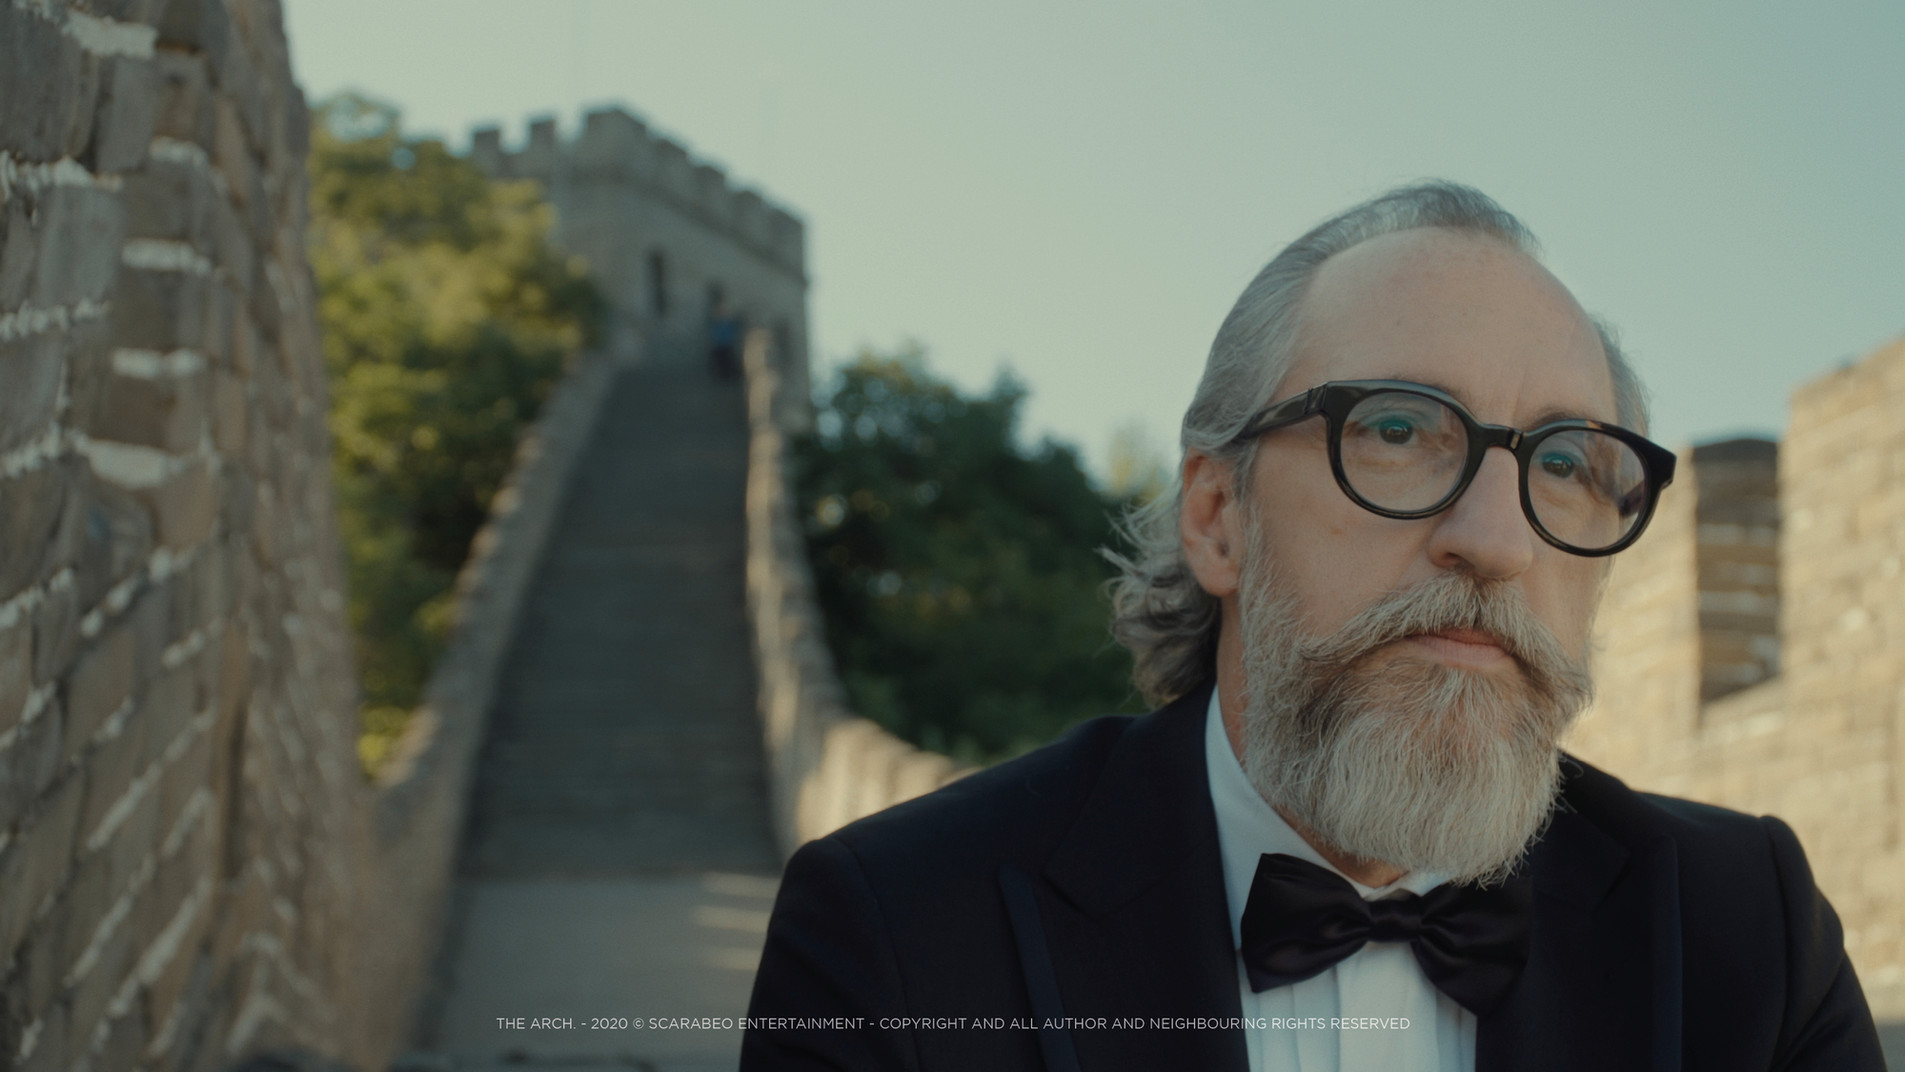 Dada at The Great Wall